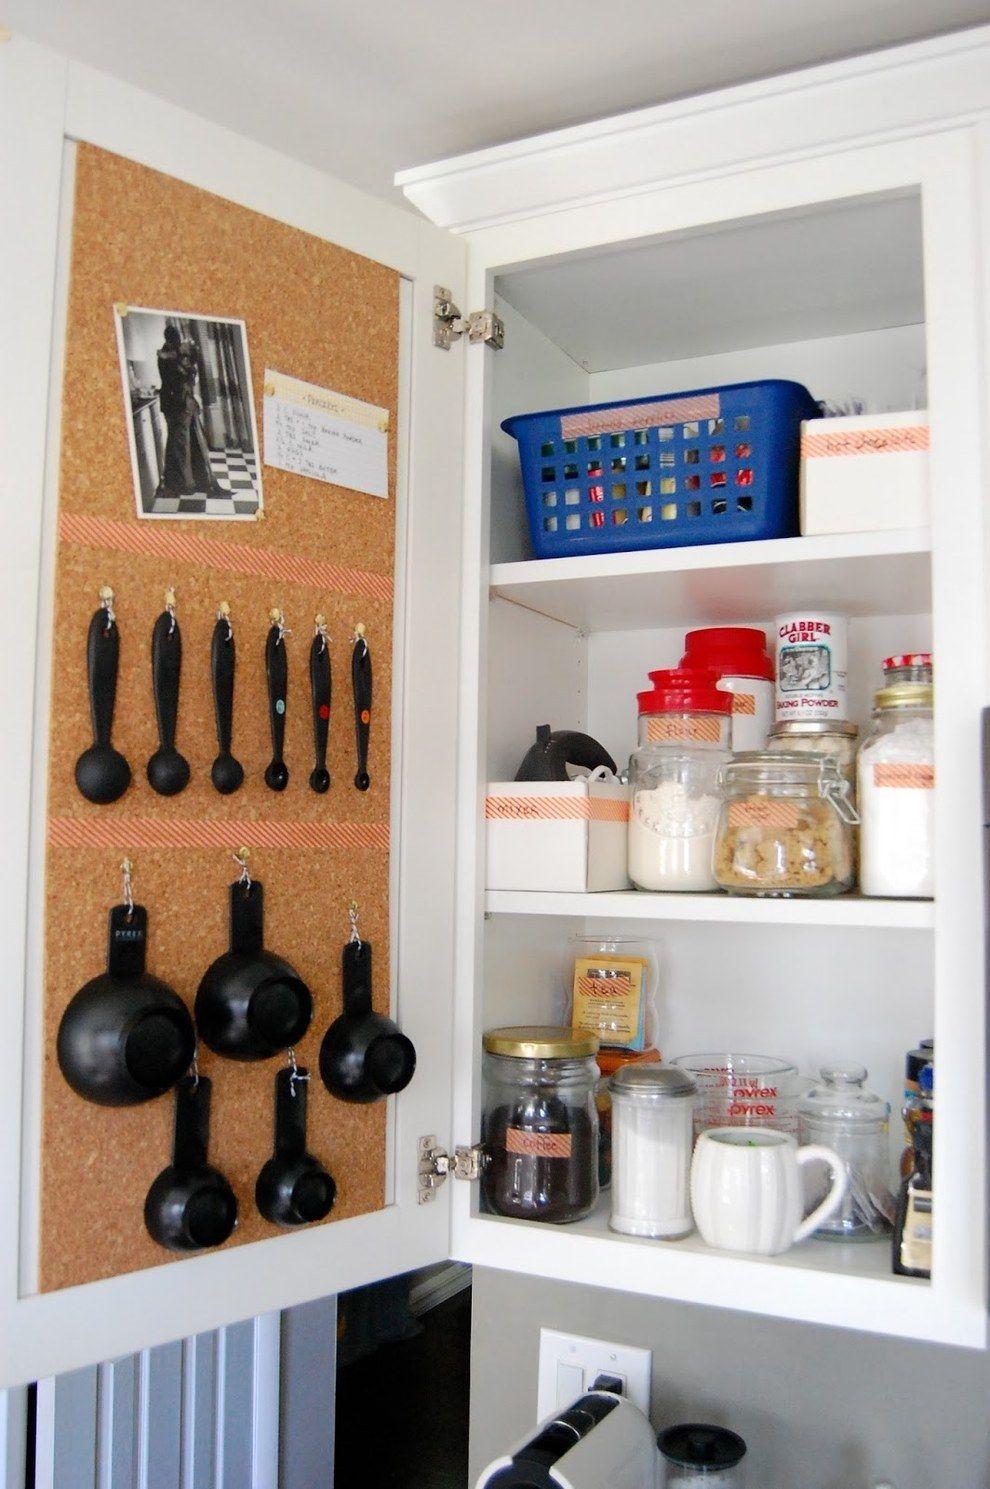 31 Maneras increíblemente ingeniosas de organizar una cocina pequeña ...